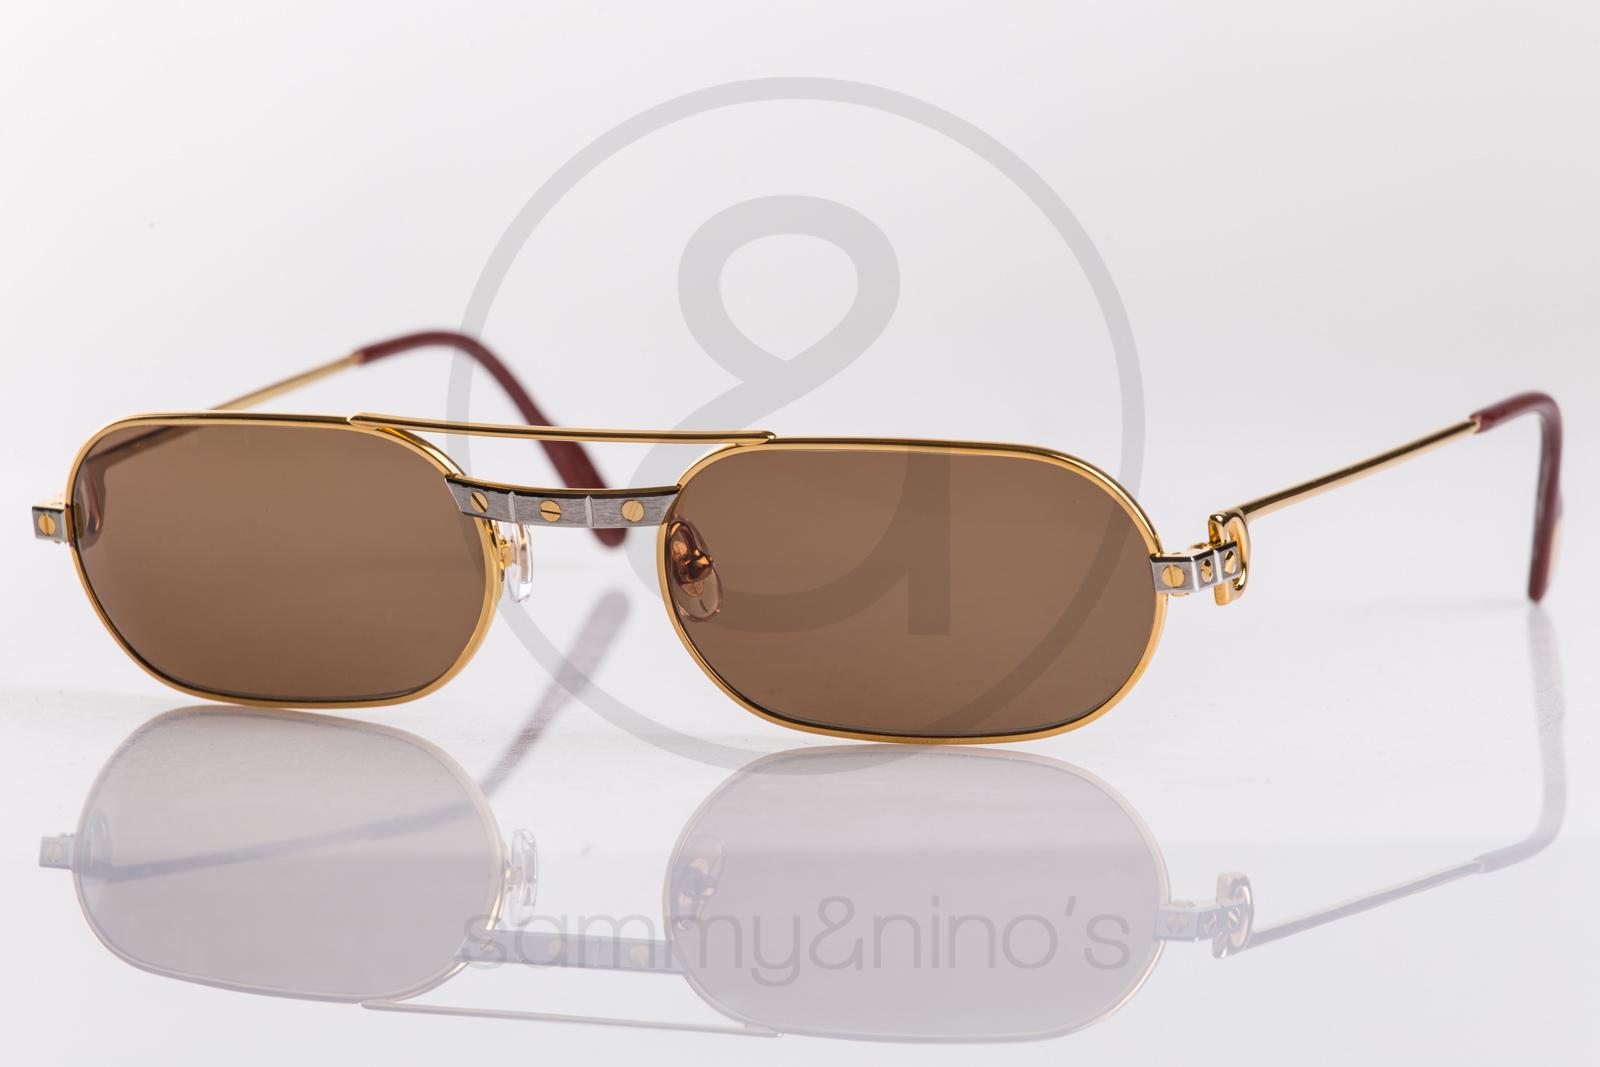 0687beb2cf3 Cartier Santos Aviator Sunglasses « One More Soul